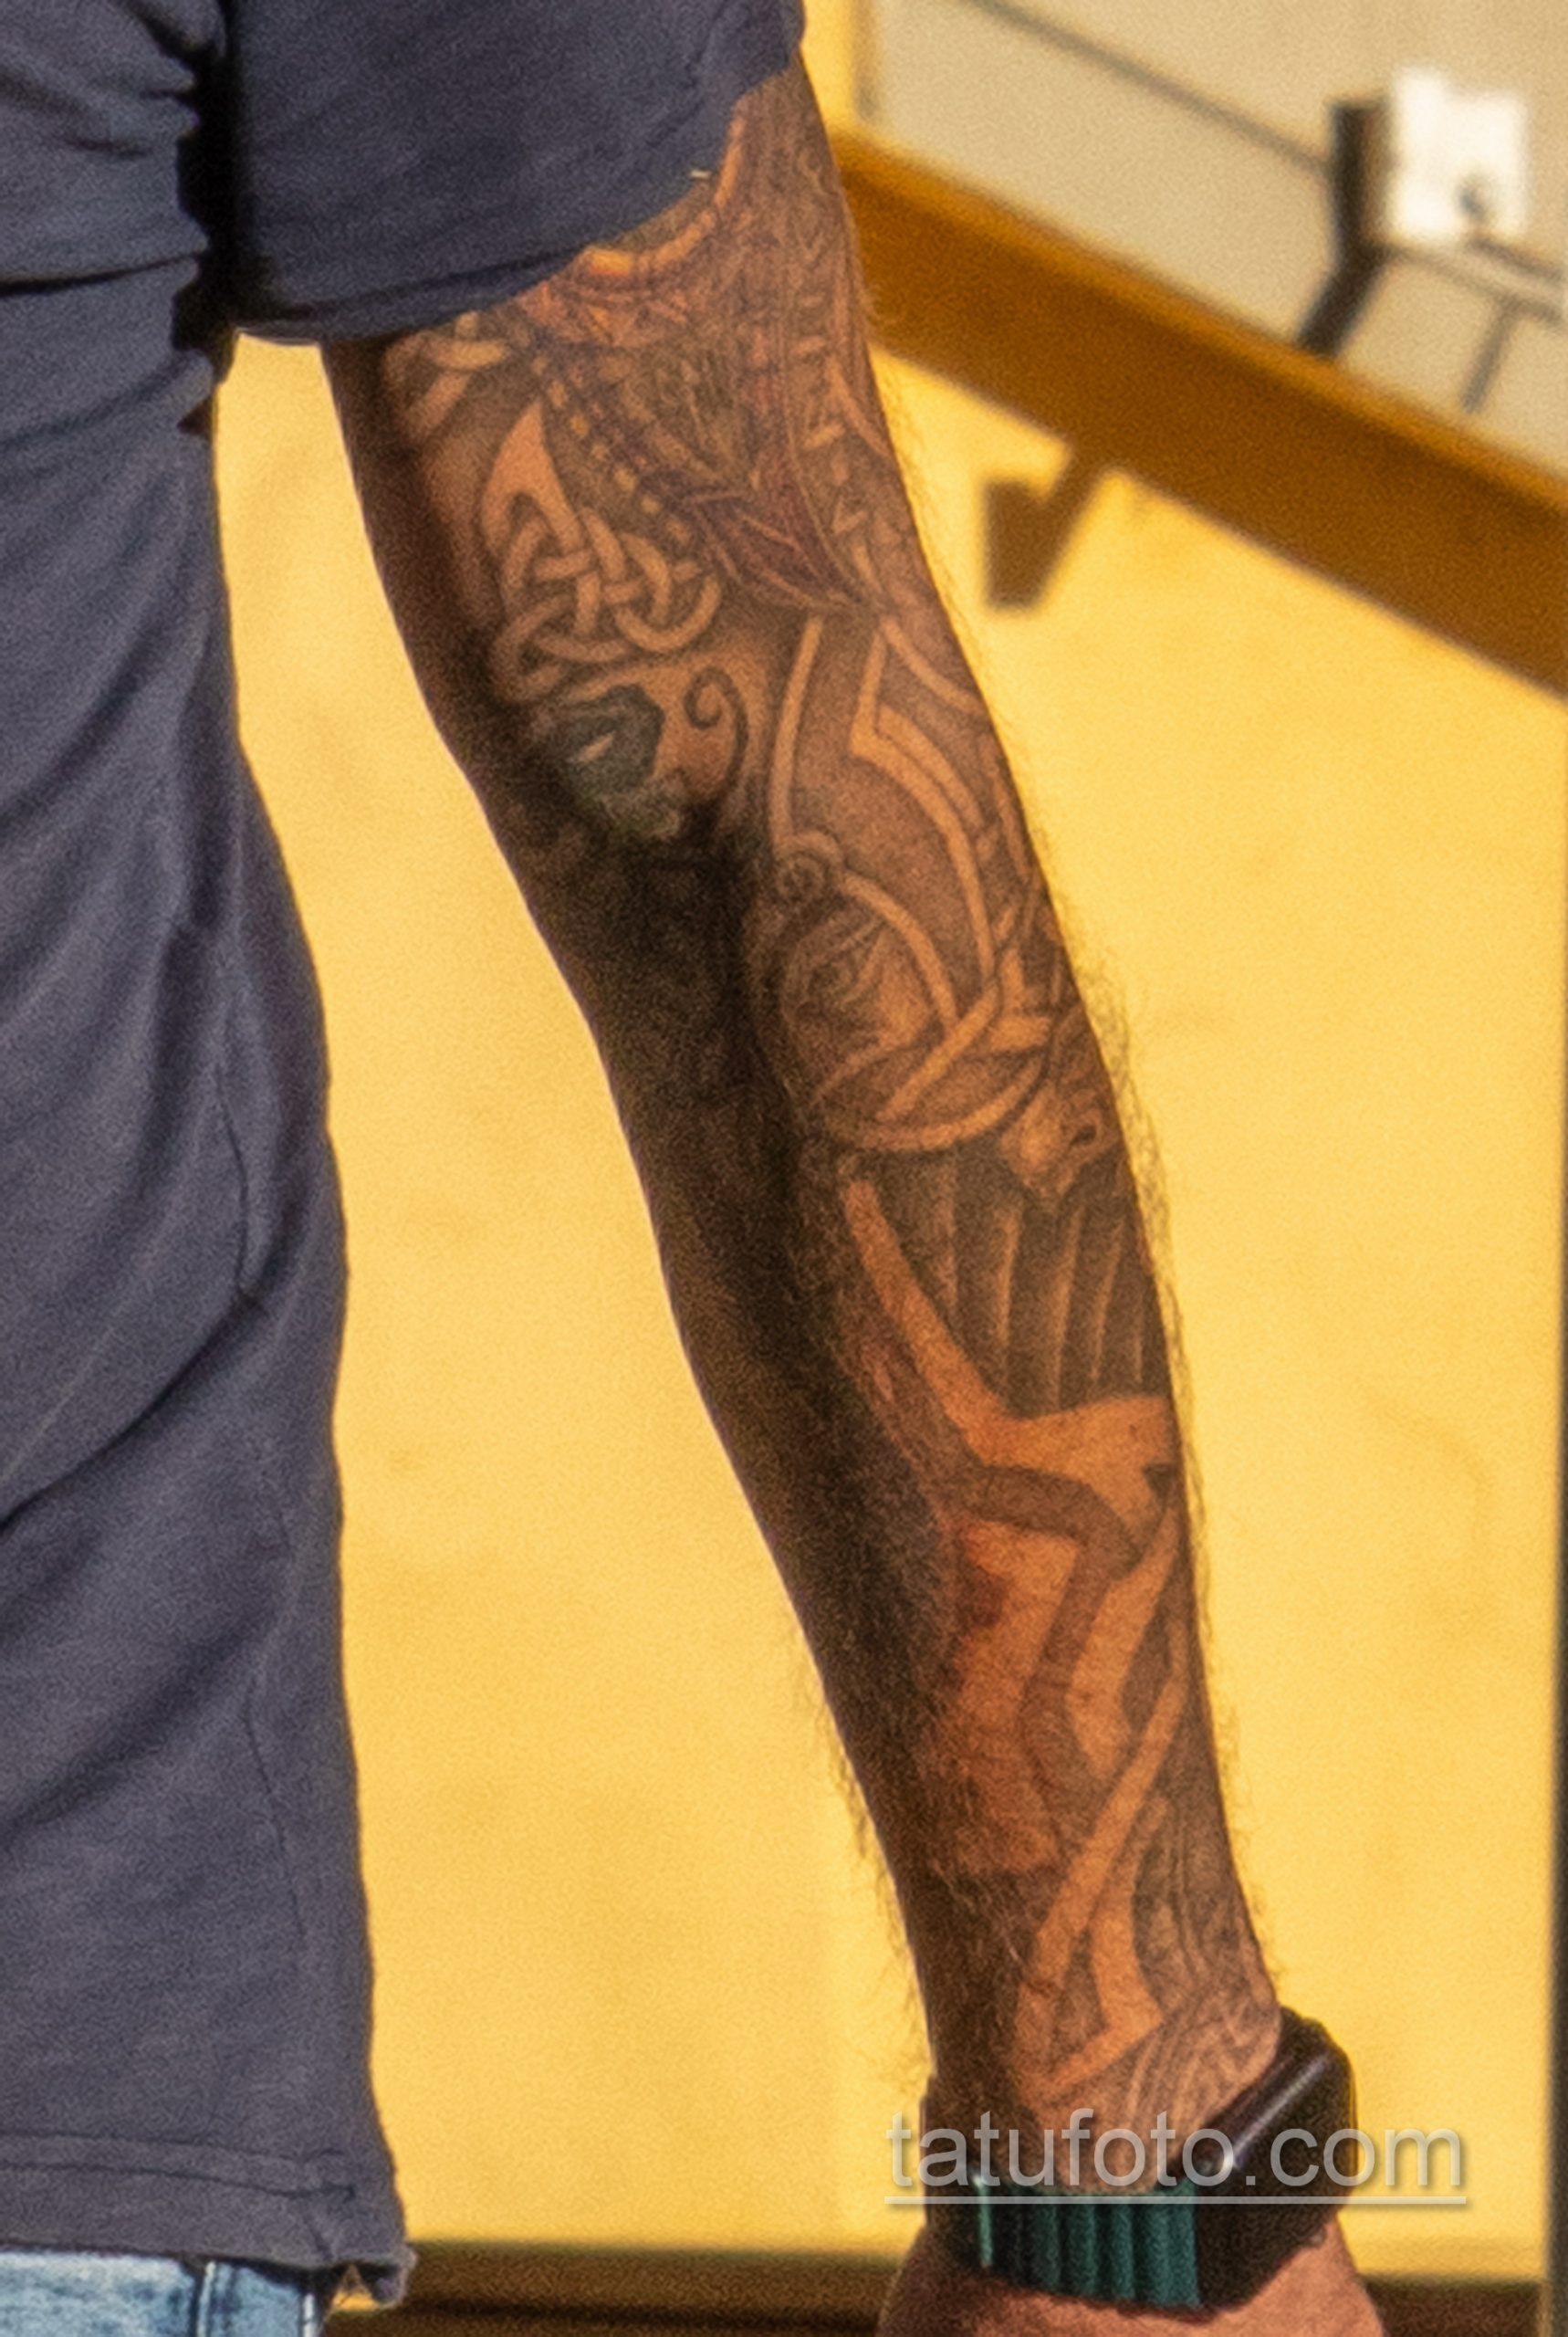 Тату с рунами и узлами в тату рукаве у мужчины – Уличная татуировка 14.09.2020 – tatufoto.com 3